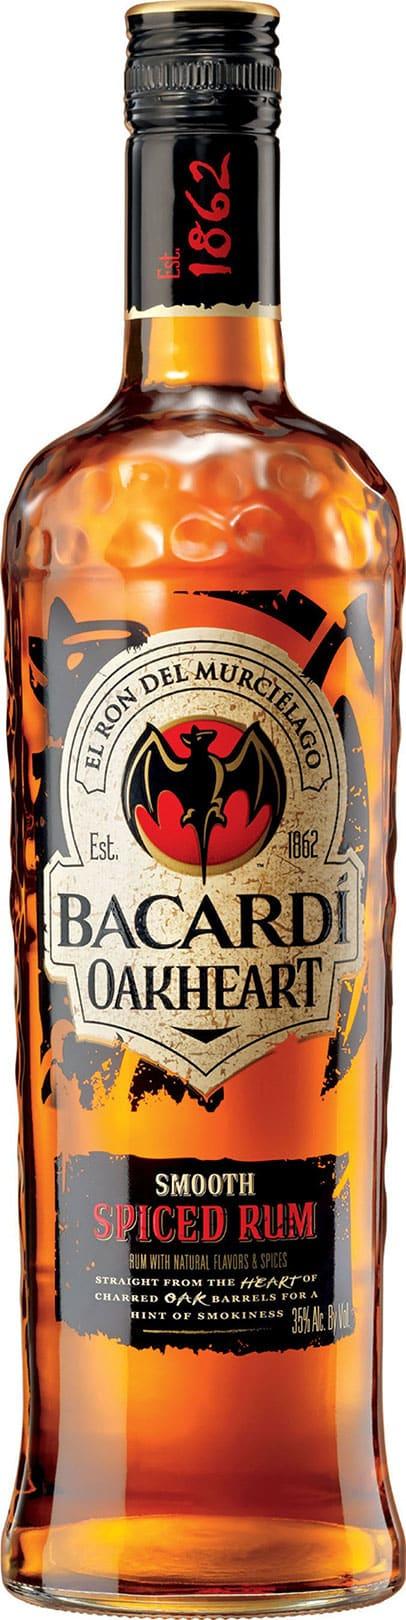 Bacardi Oakheart 1 Liter - Buy Rum - Bacardi Oakheart 1 Liter Licorea